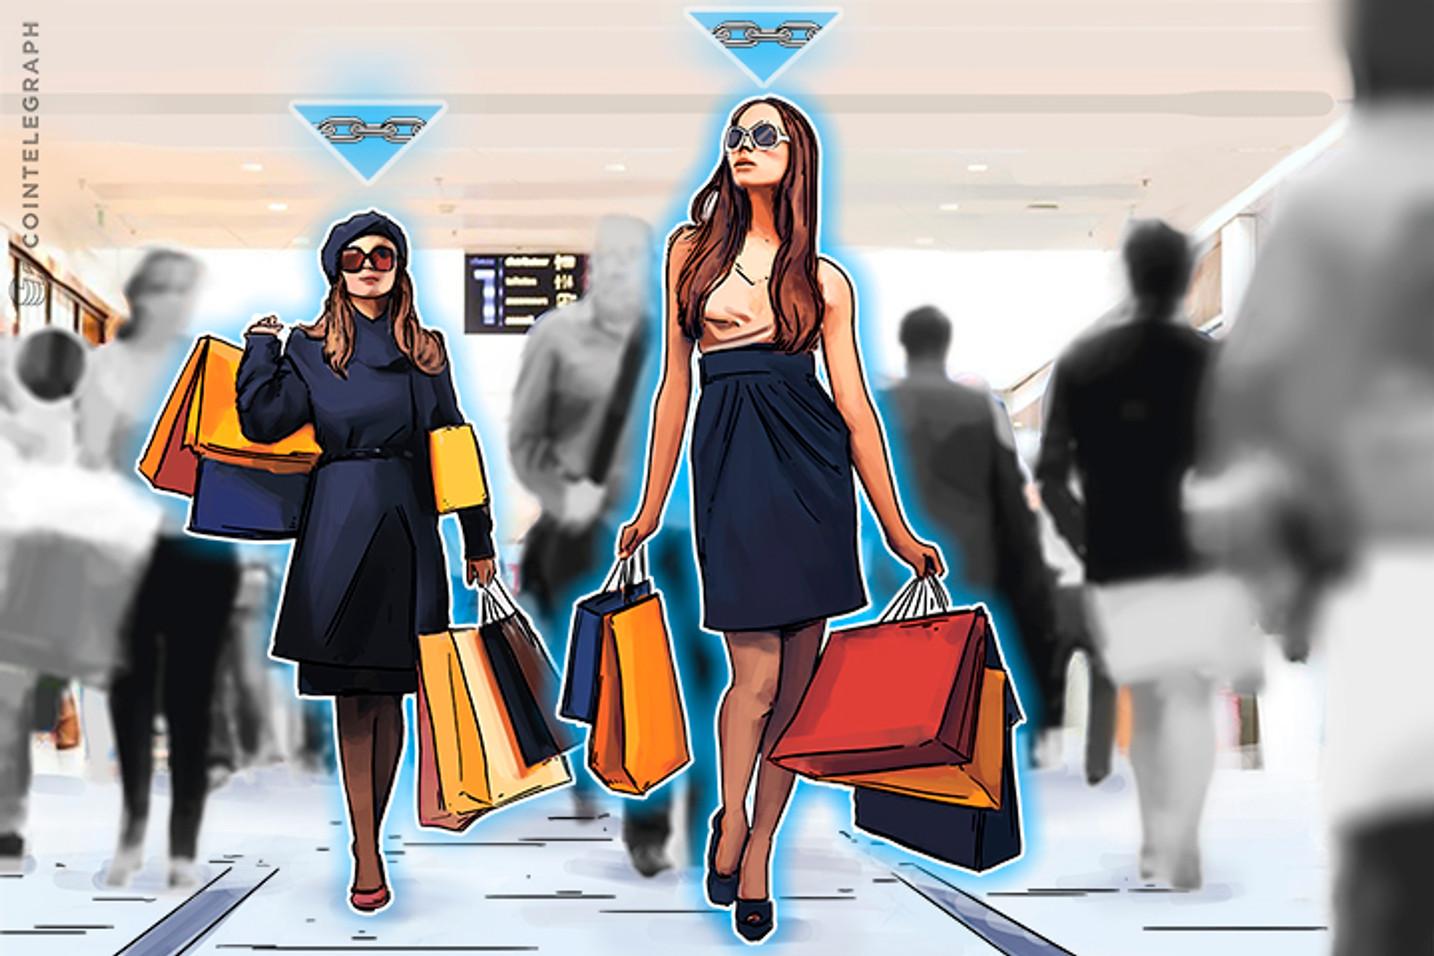 Die Blockchain nutzen, um standortbasierte Werbung zu verbessern